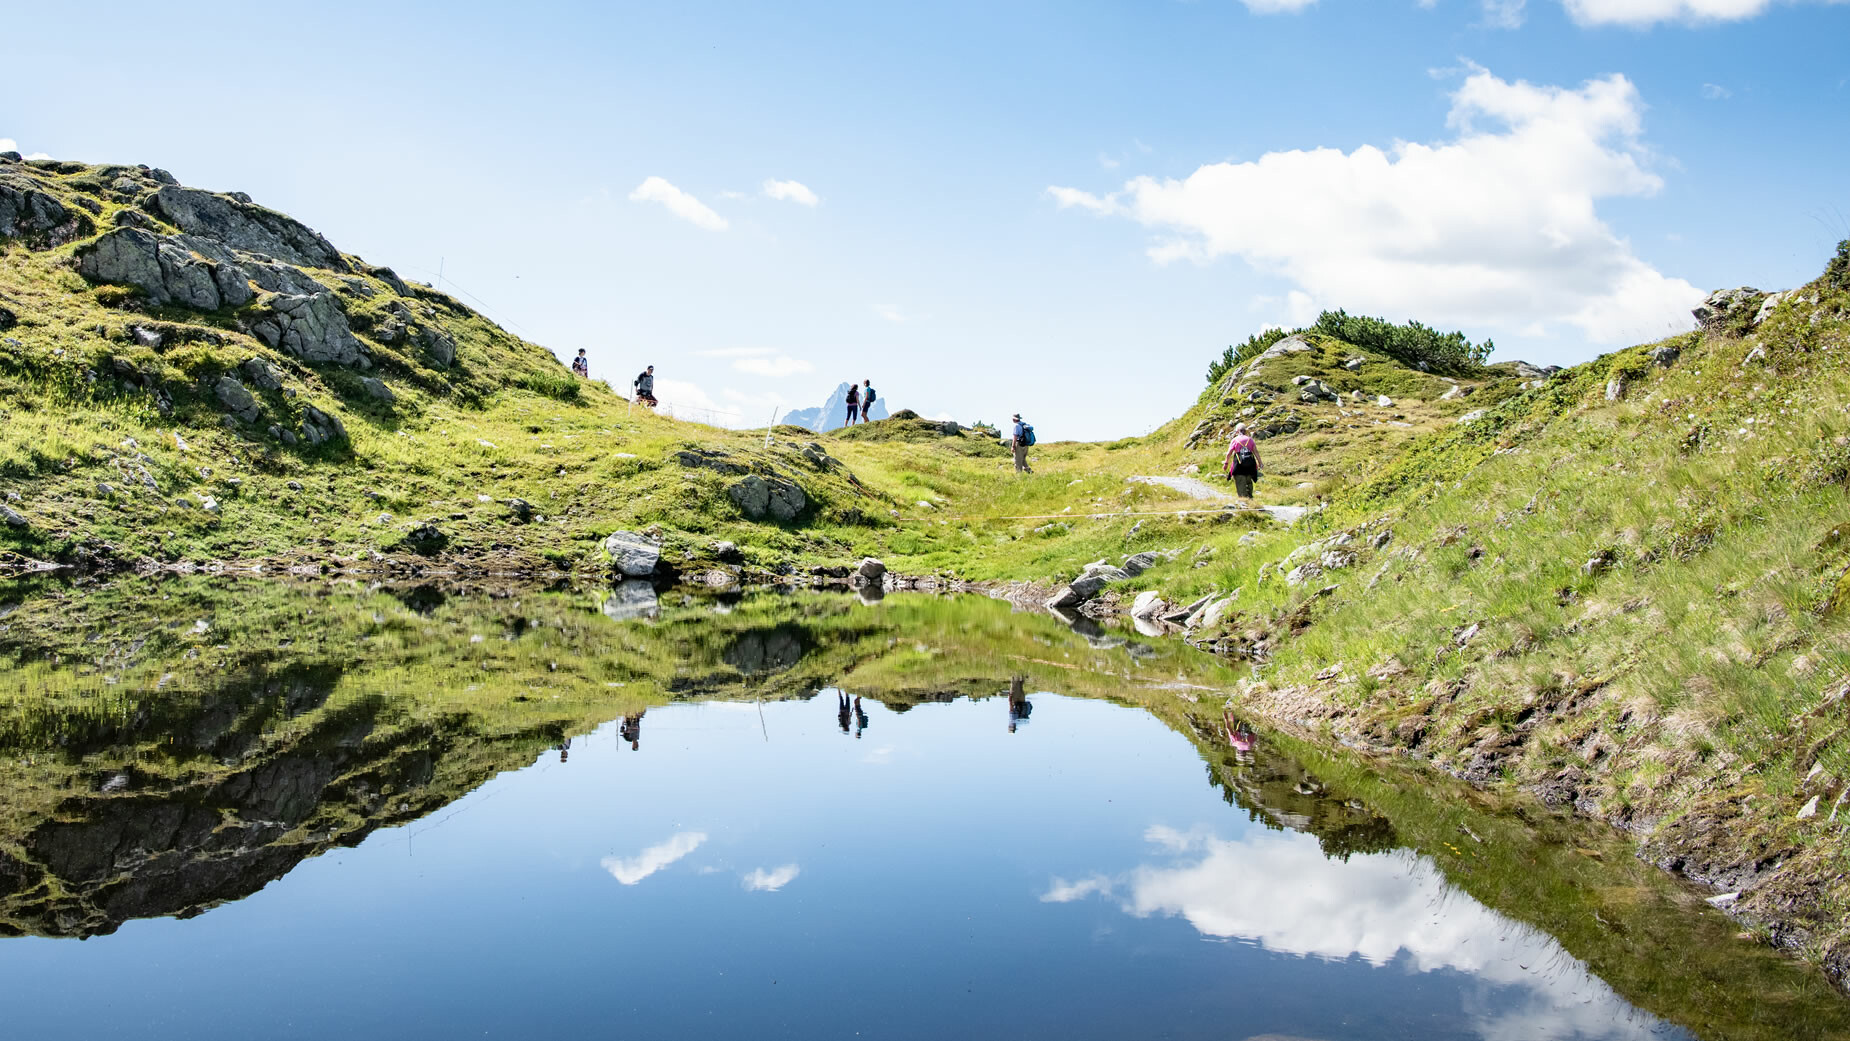 Sommer in St. Anton am Arlberg